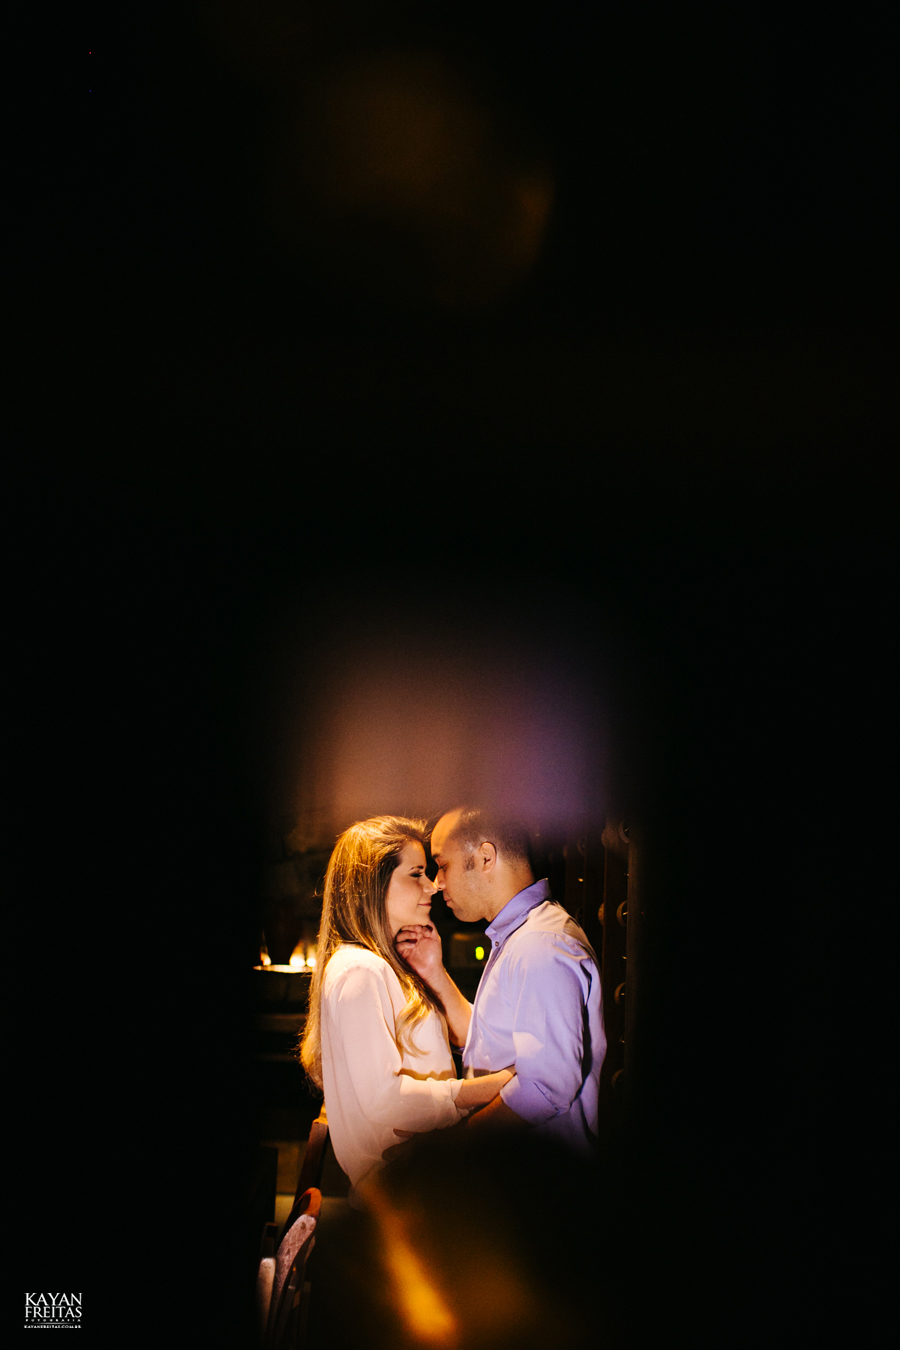 precasamento-floripa-indiane-rafael-0017 Indiane + Raphael - Sessão Pré Casamento em Florianópolis